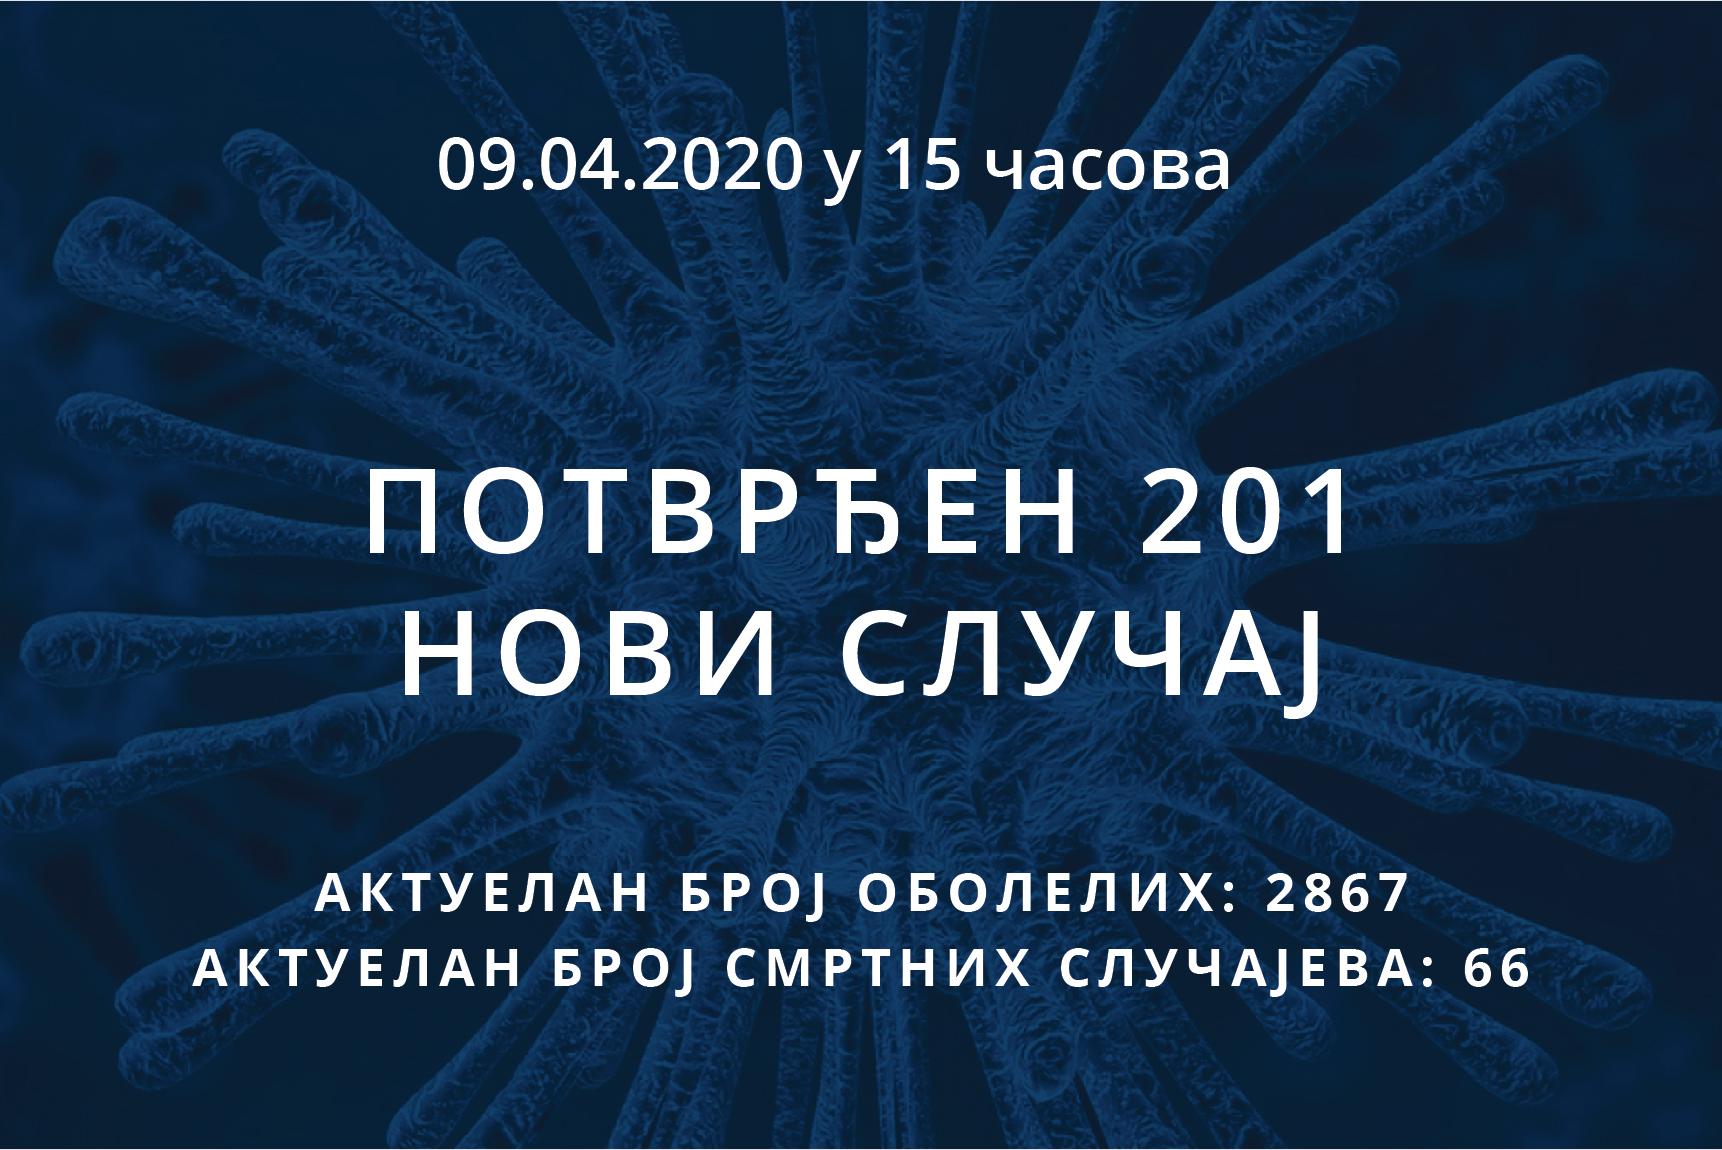 Информације о корона вирусу COVID-19, 09.04.2020 у 15 часова